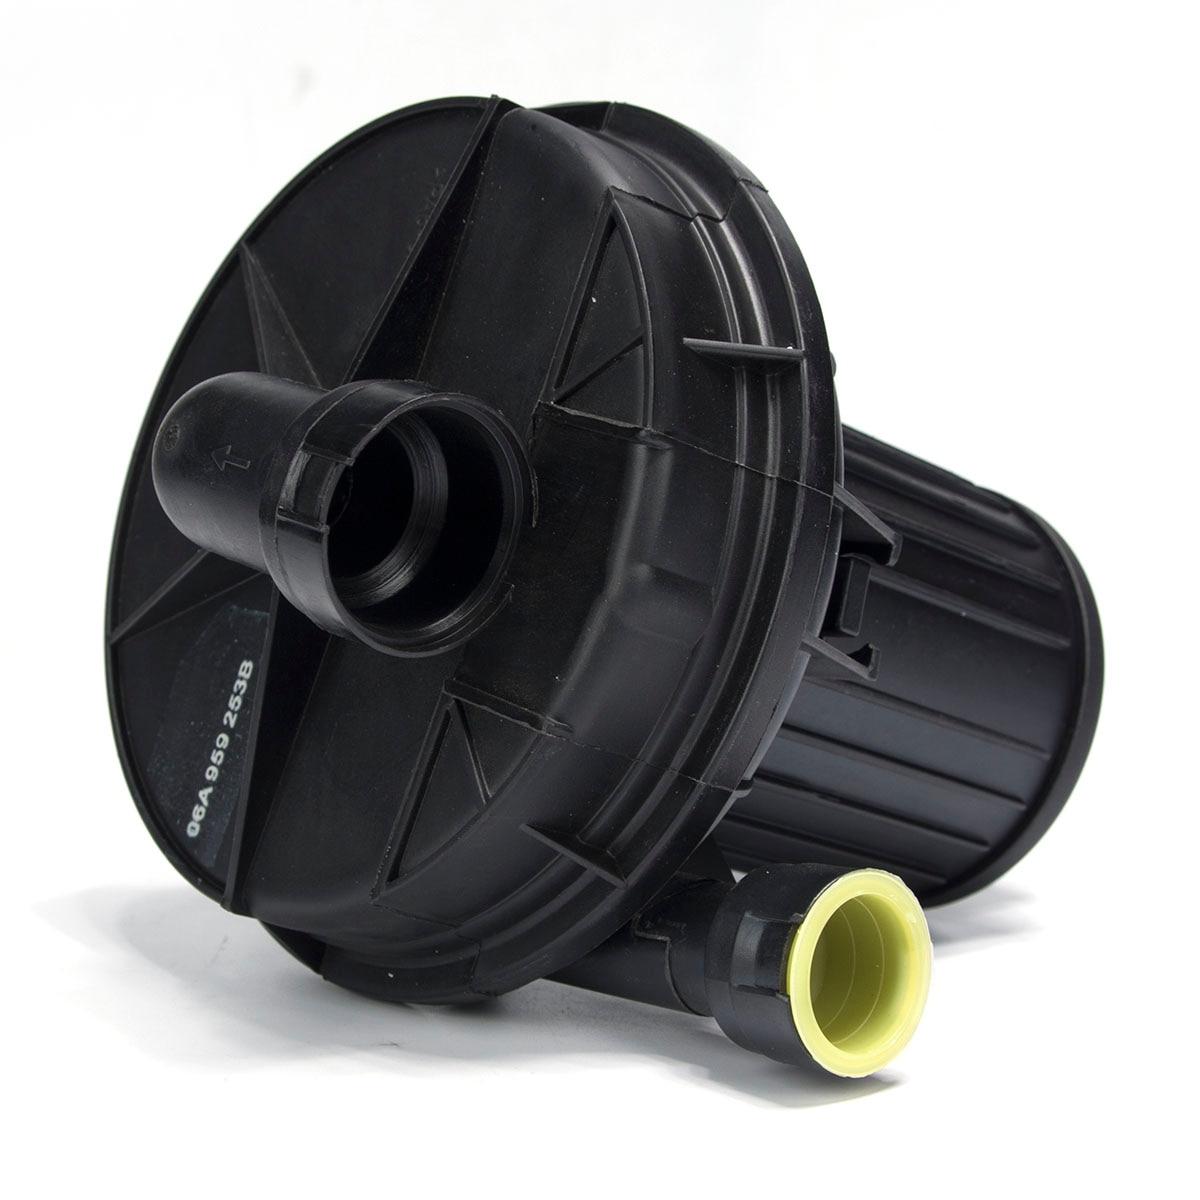 Pompe à Air secondaire auxiliaire Smog pour VW Beetle Golf Jetta Passat 1.8 T 2.0 2.8 - 4